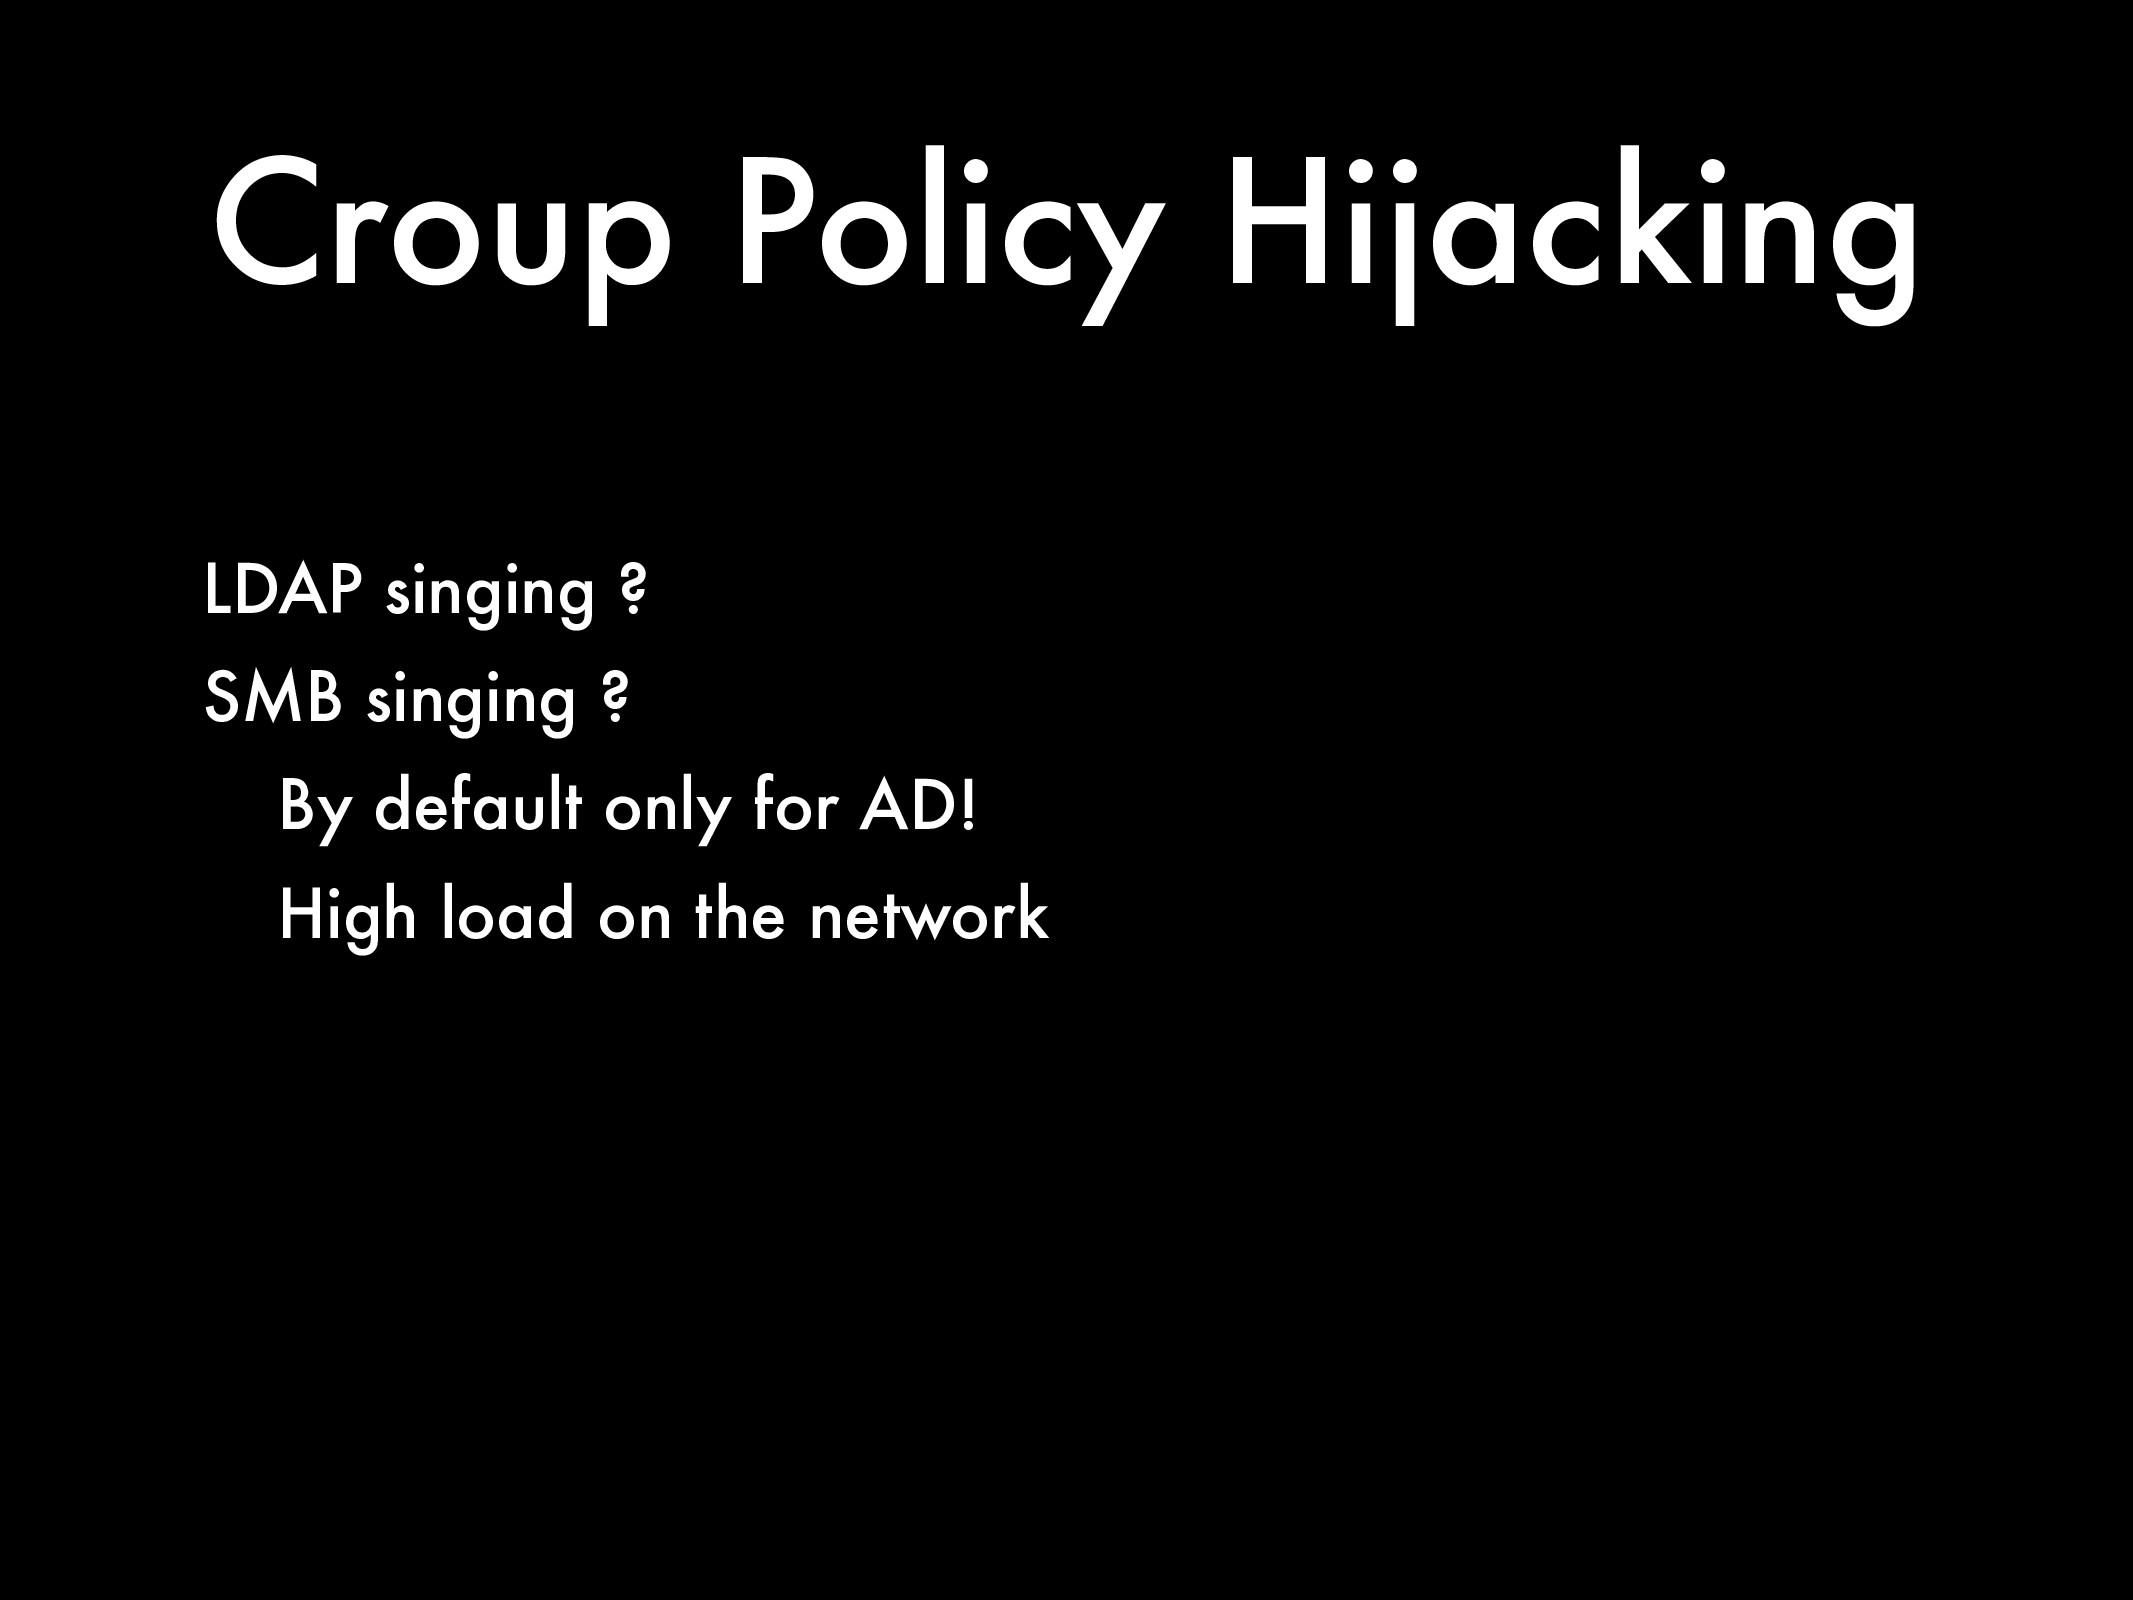 Croup Policy Hijacking LDAP singing ? SMB singi...